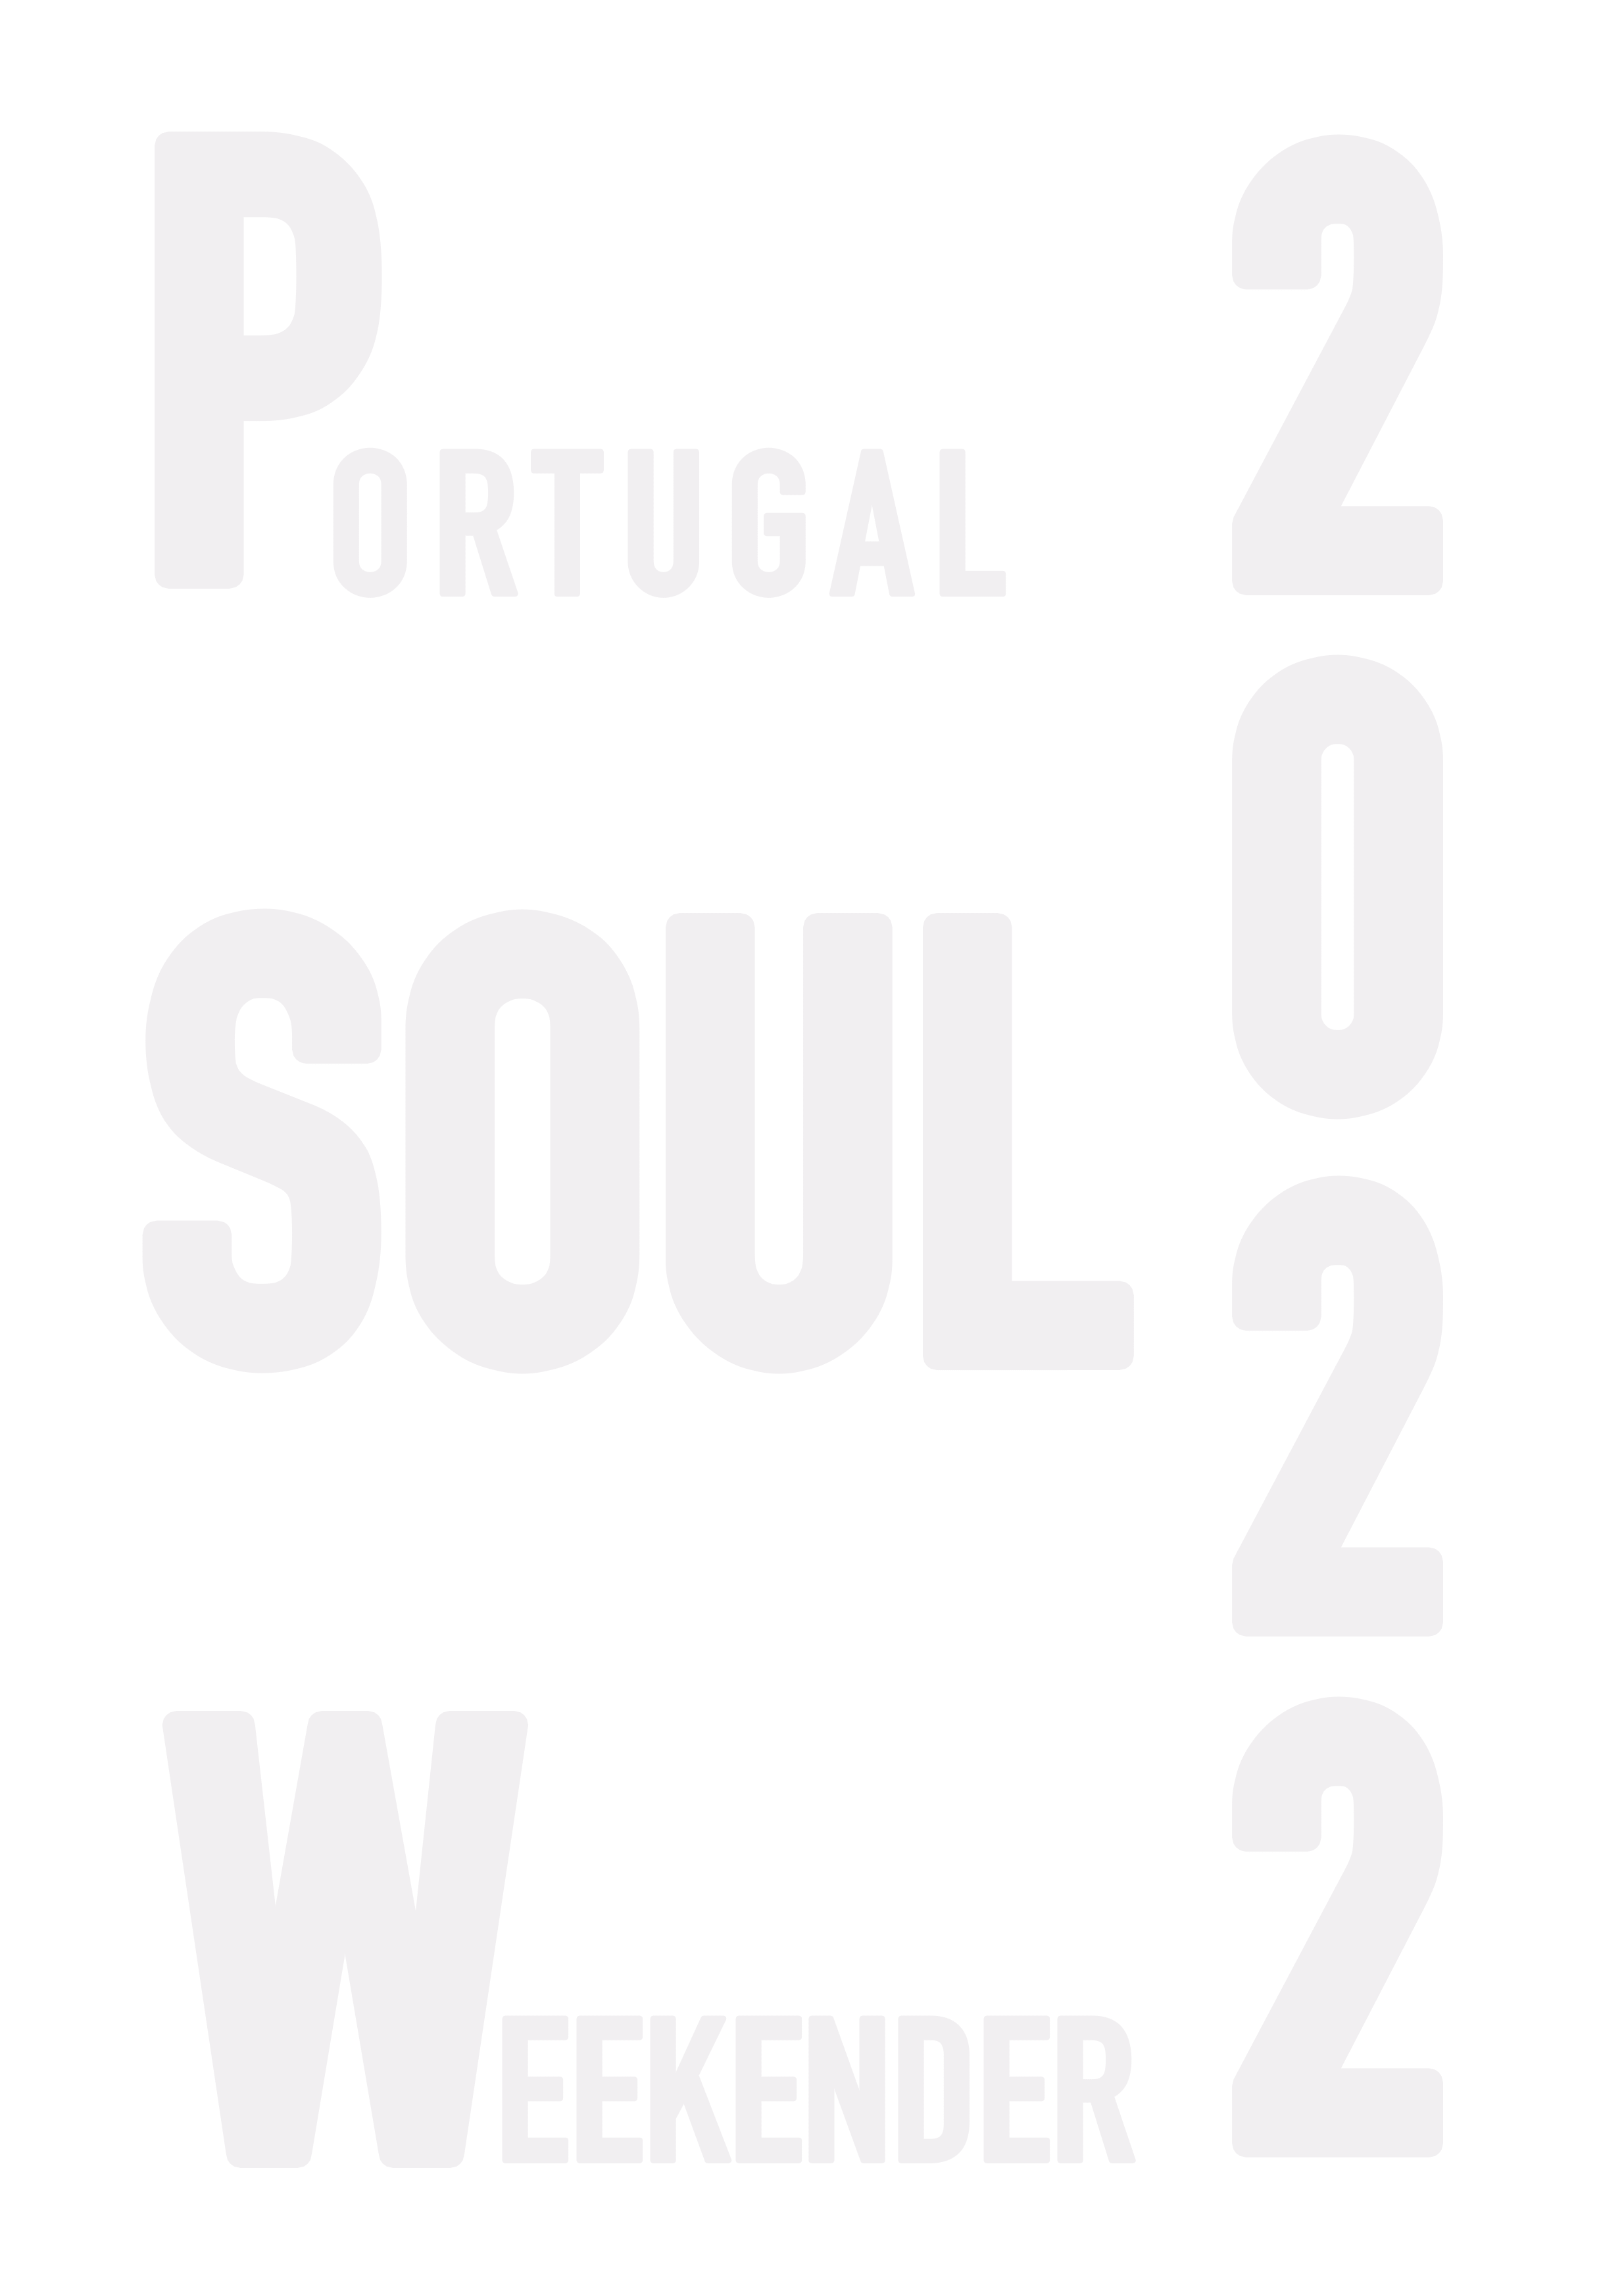 Portugal-soul-weekender-logo-new-2021-2